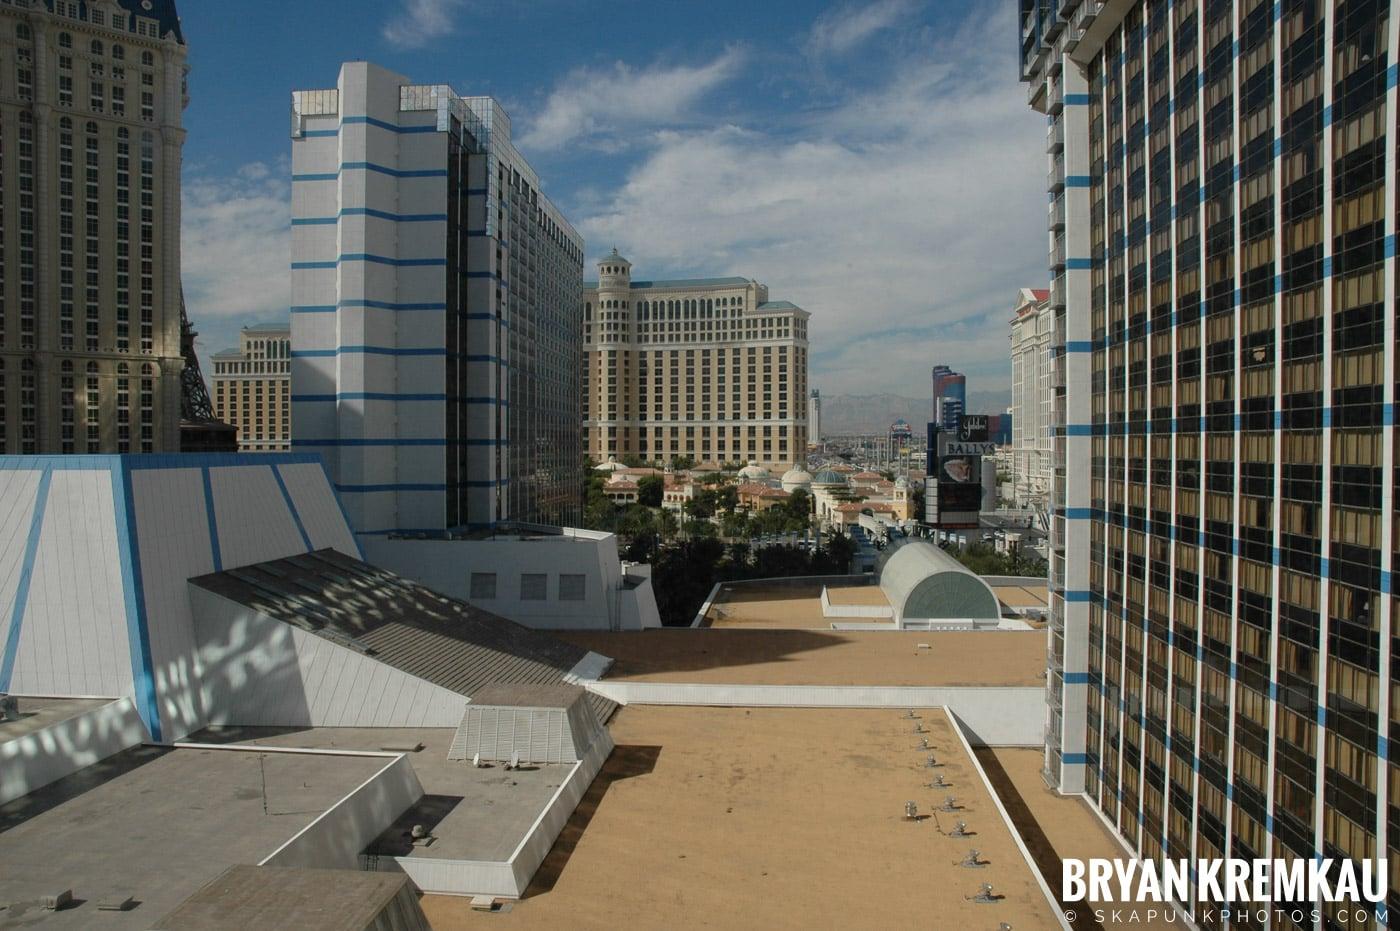 Las Vegas Vacation @ Las Vegas, NV - 10.21.05 - 10.23.05 (39)